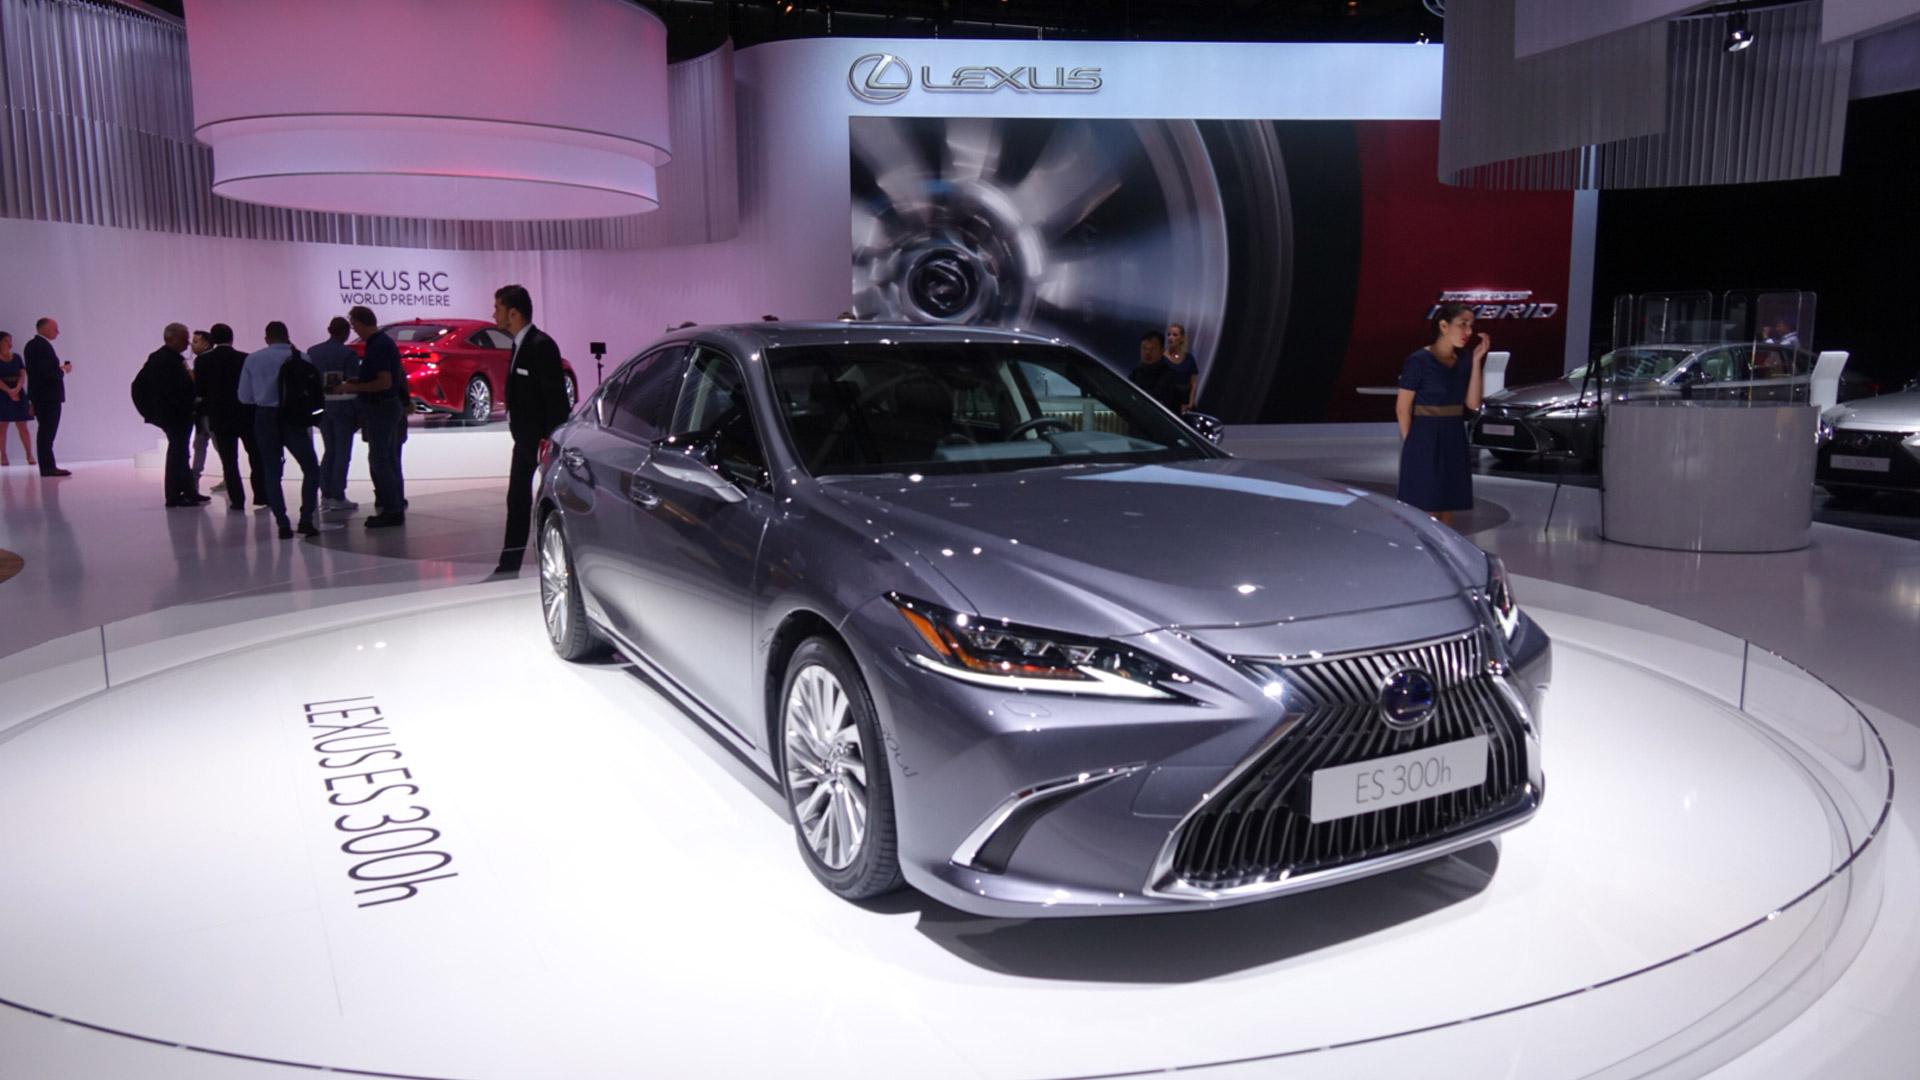 Lexus Paris Otomobil Fuari gallery01